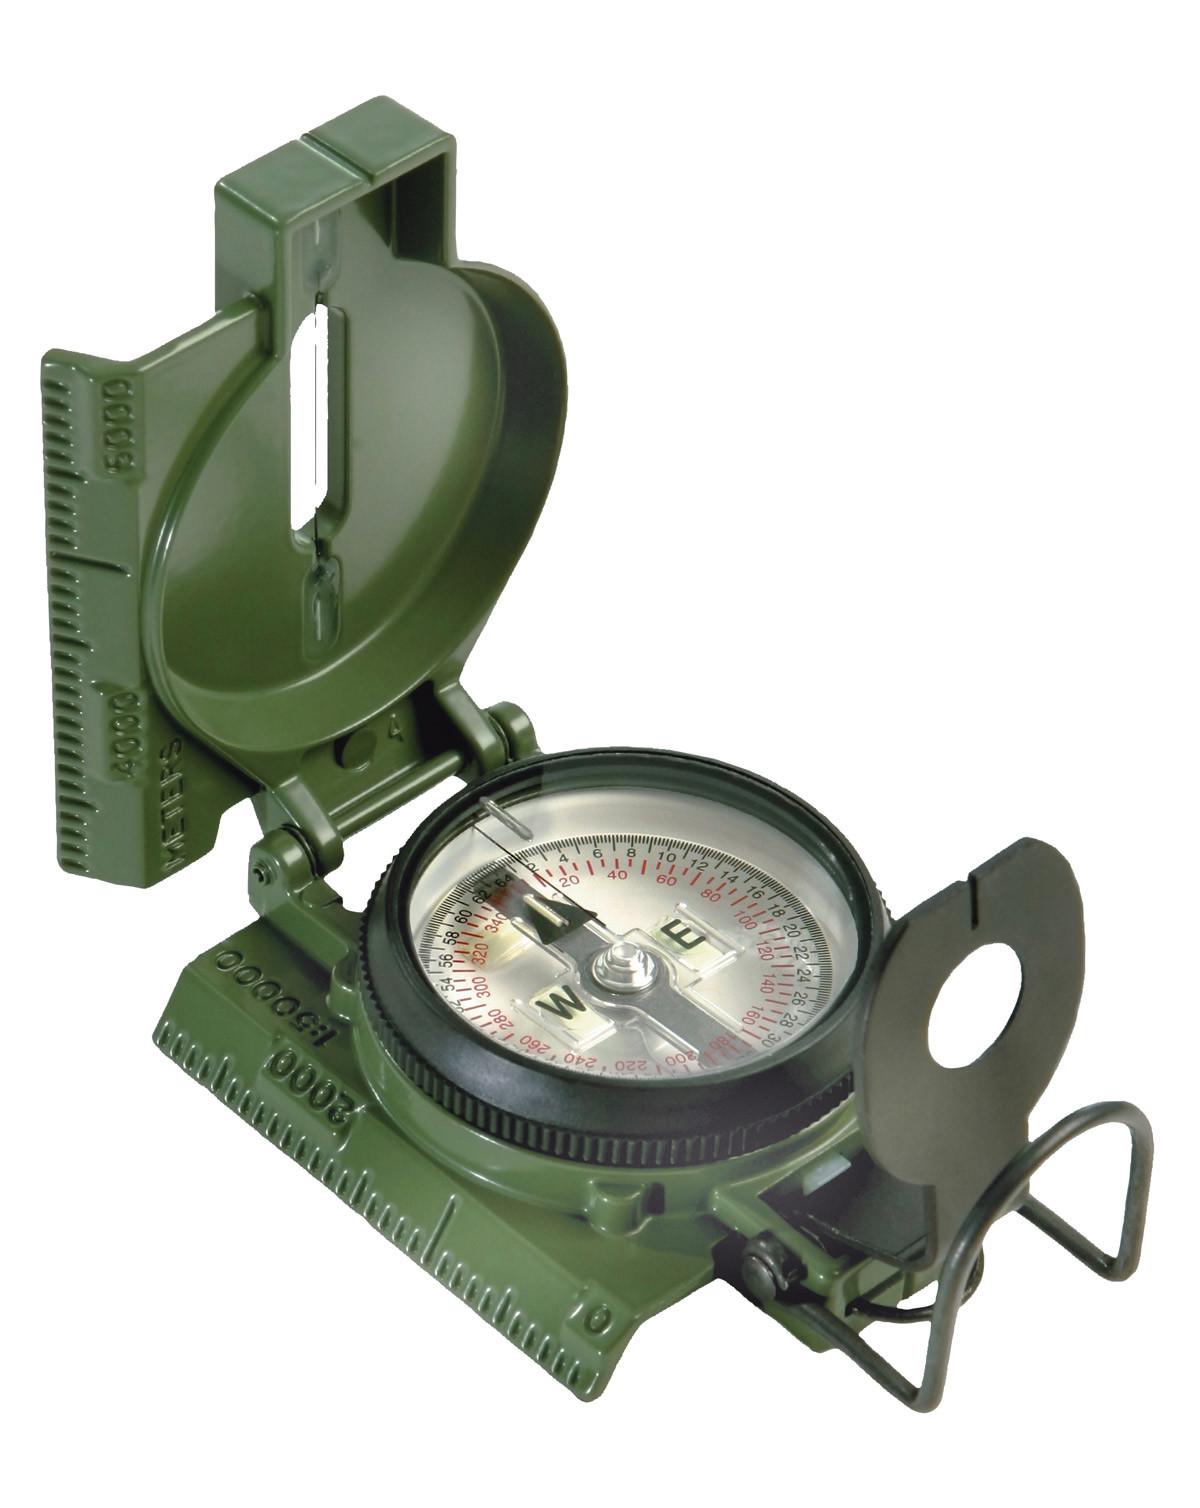 Rothco Kompas - Cammenga G.I. Special Tritium Lensatic (Oliven, One Size) (613902917002)